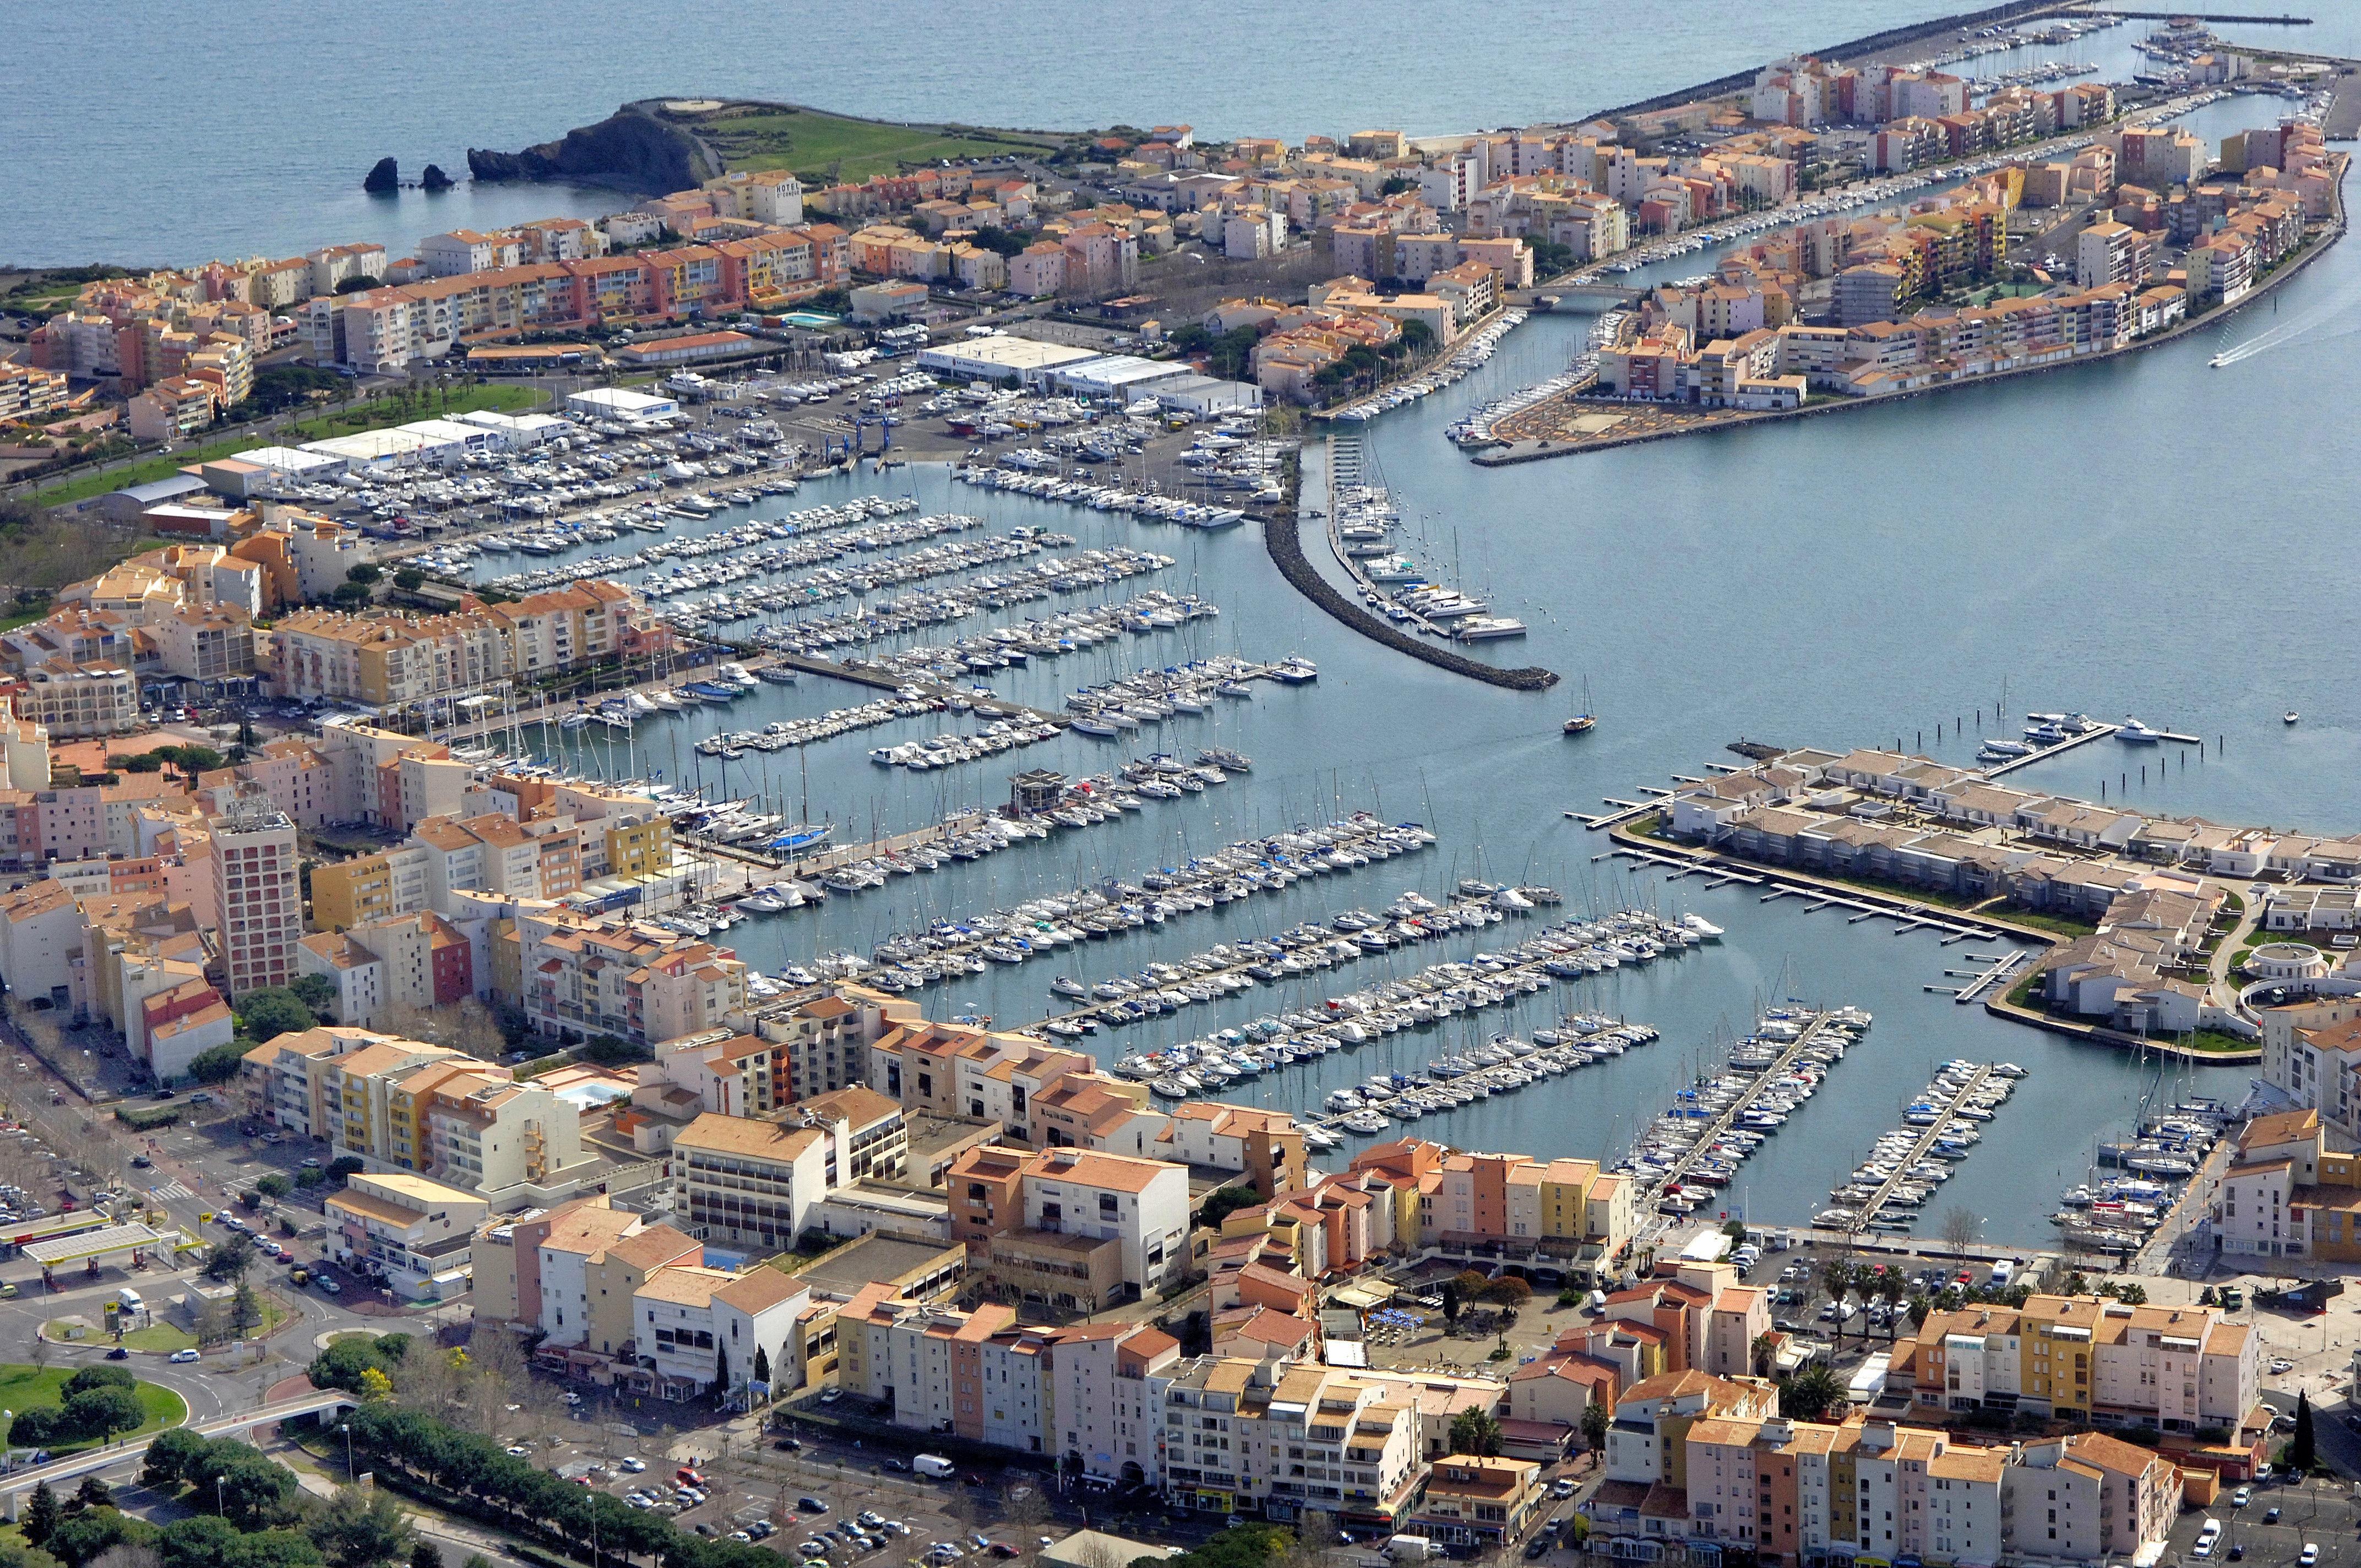 Cap dAgde Marina in Cap dAgde, Agde, France - Marina